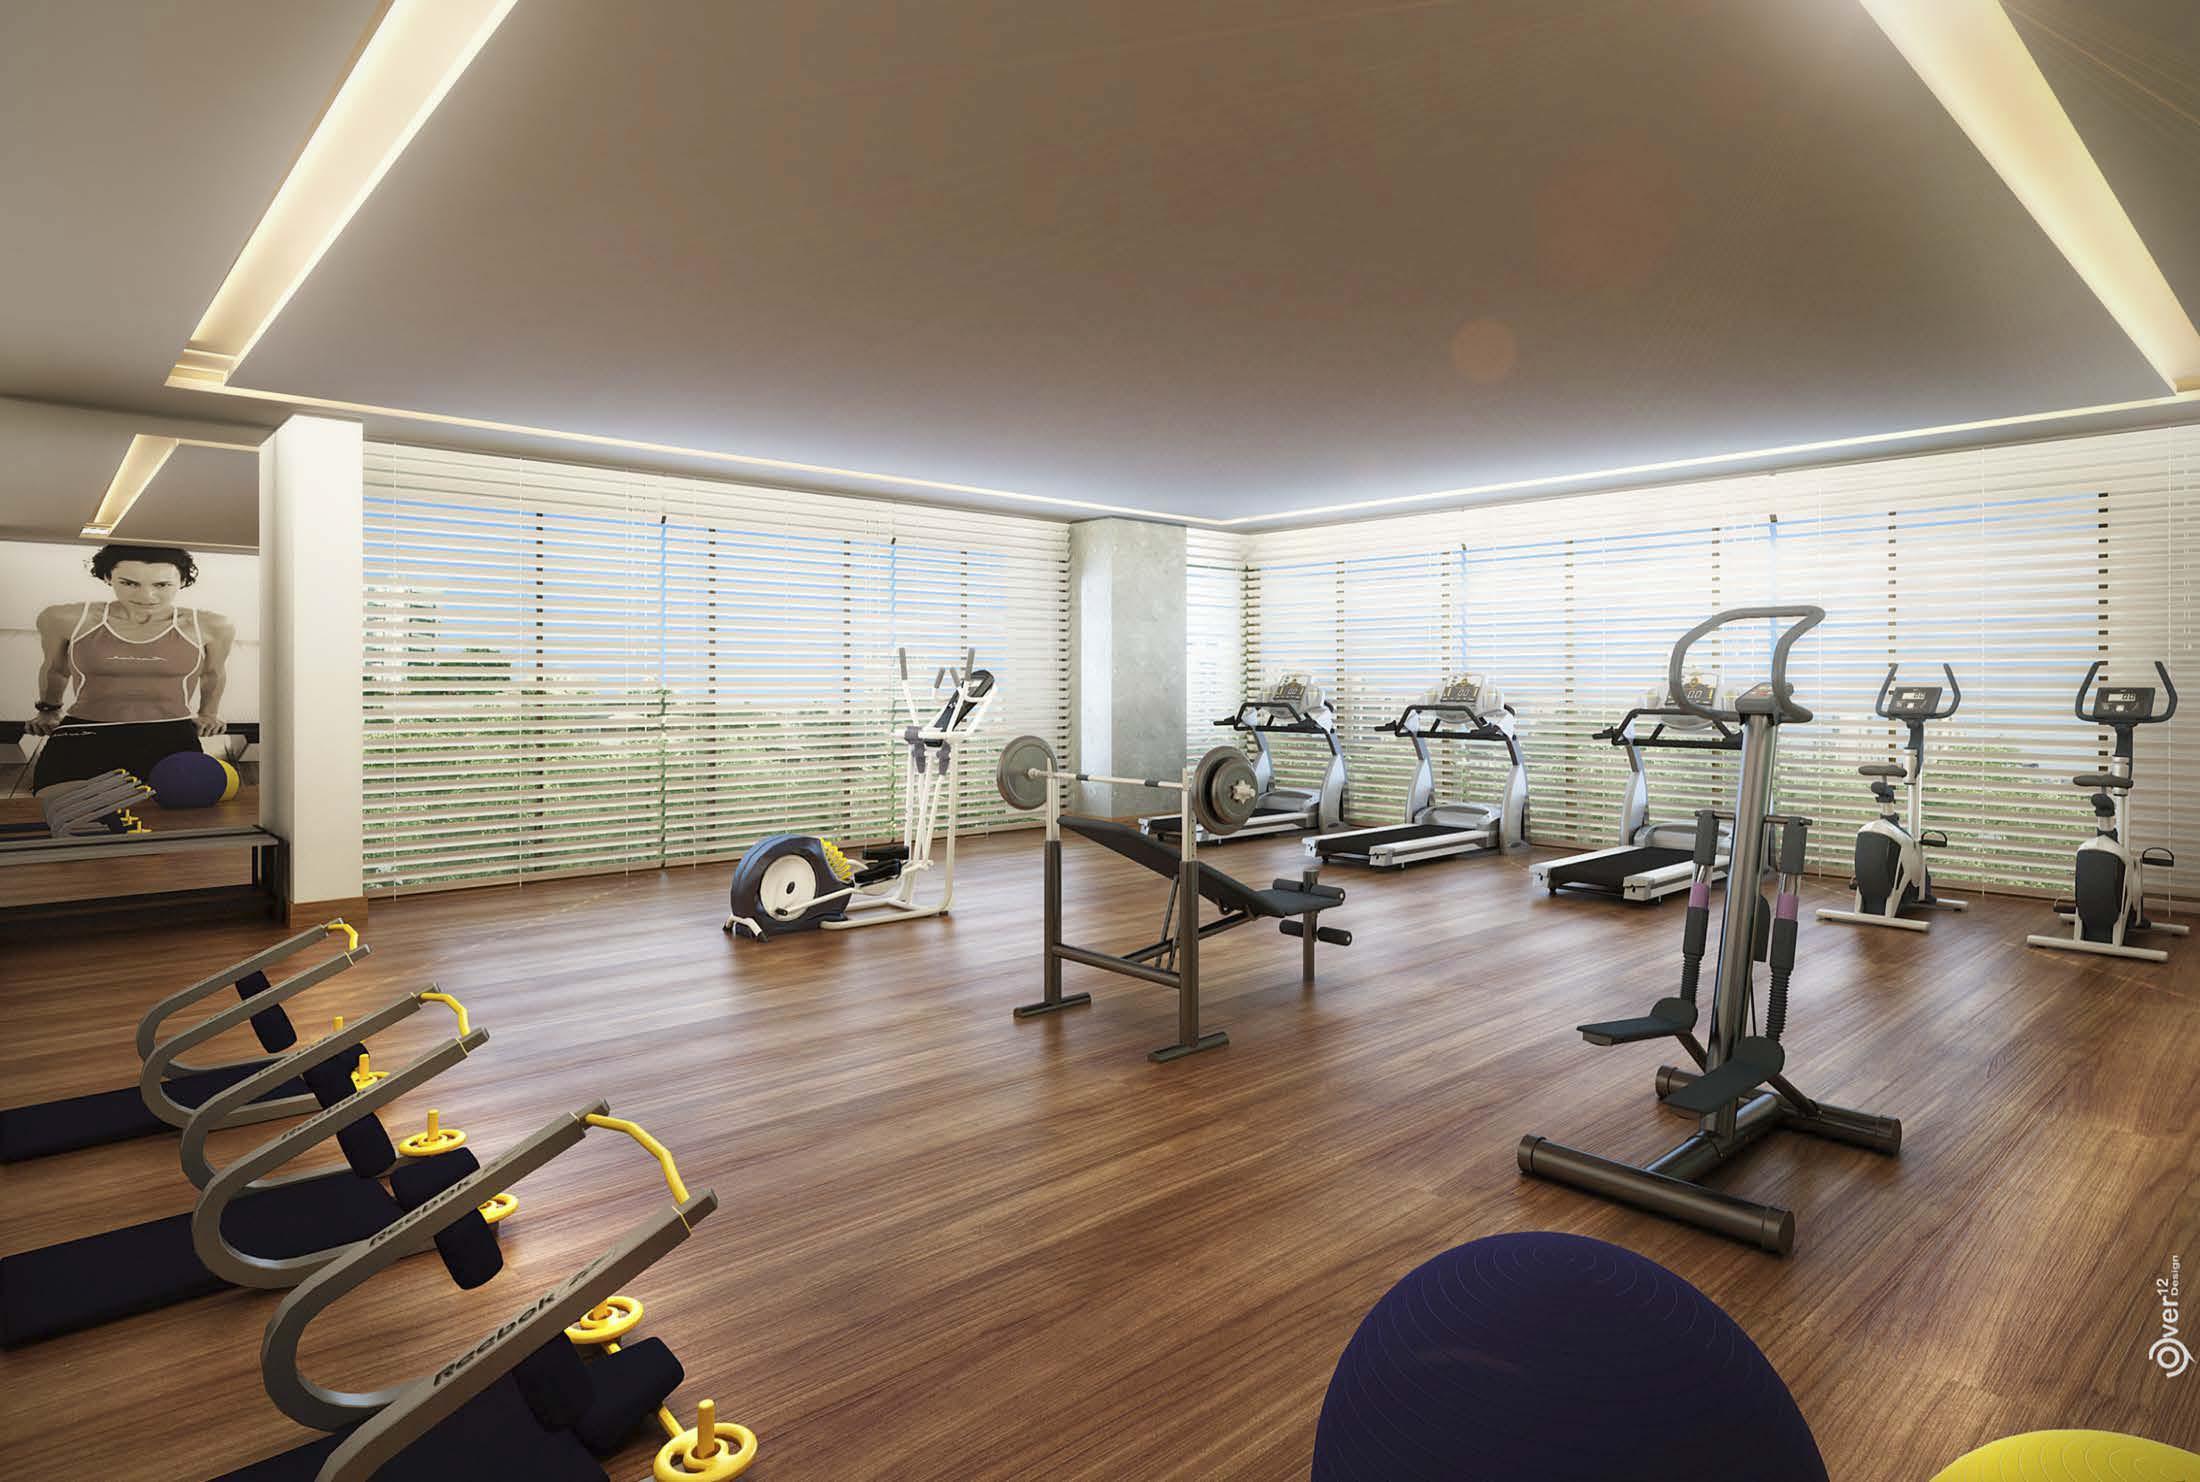 Perispectiva do espaço fitness